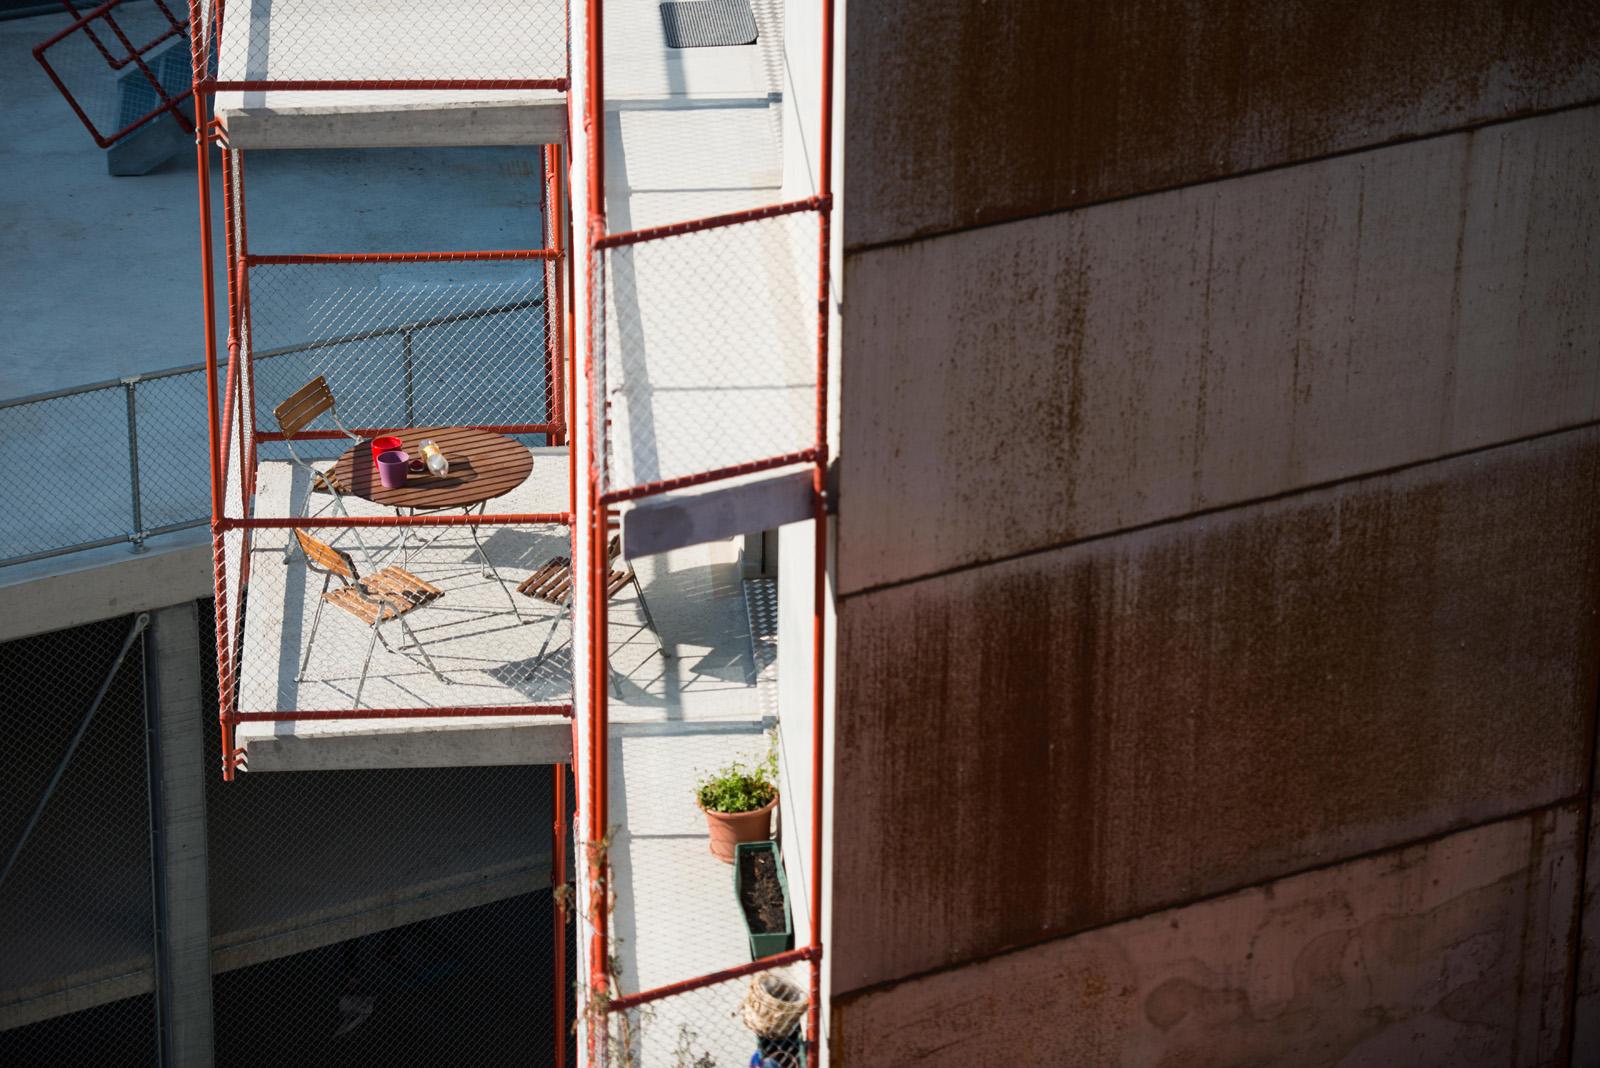 Platz an der Sonne: Balkon einer Genossenschaftswohnung in Wallisellen-Dübendorf. (Thomas Egli)